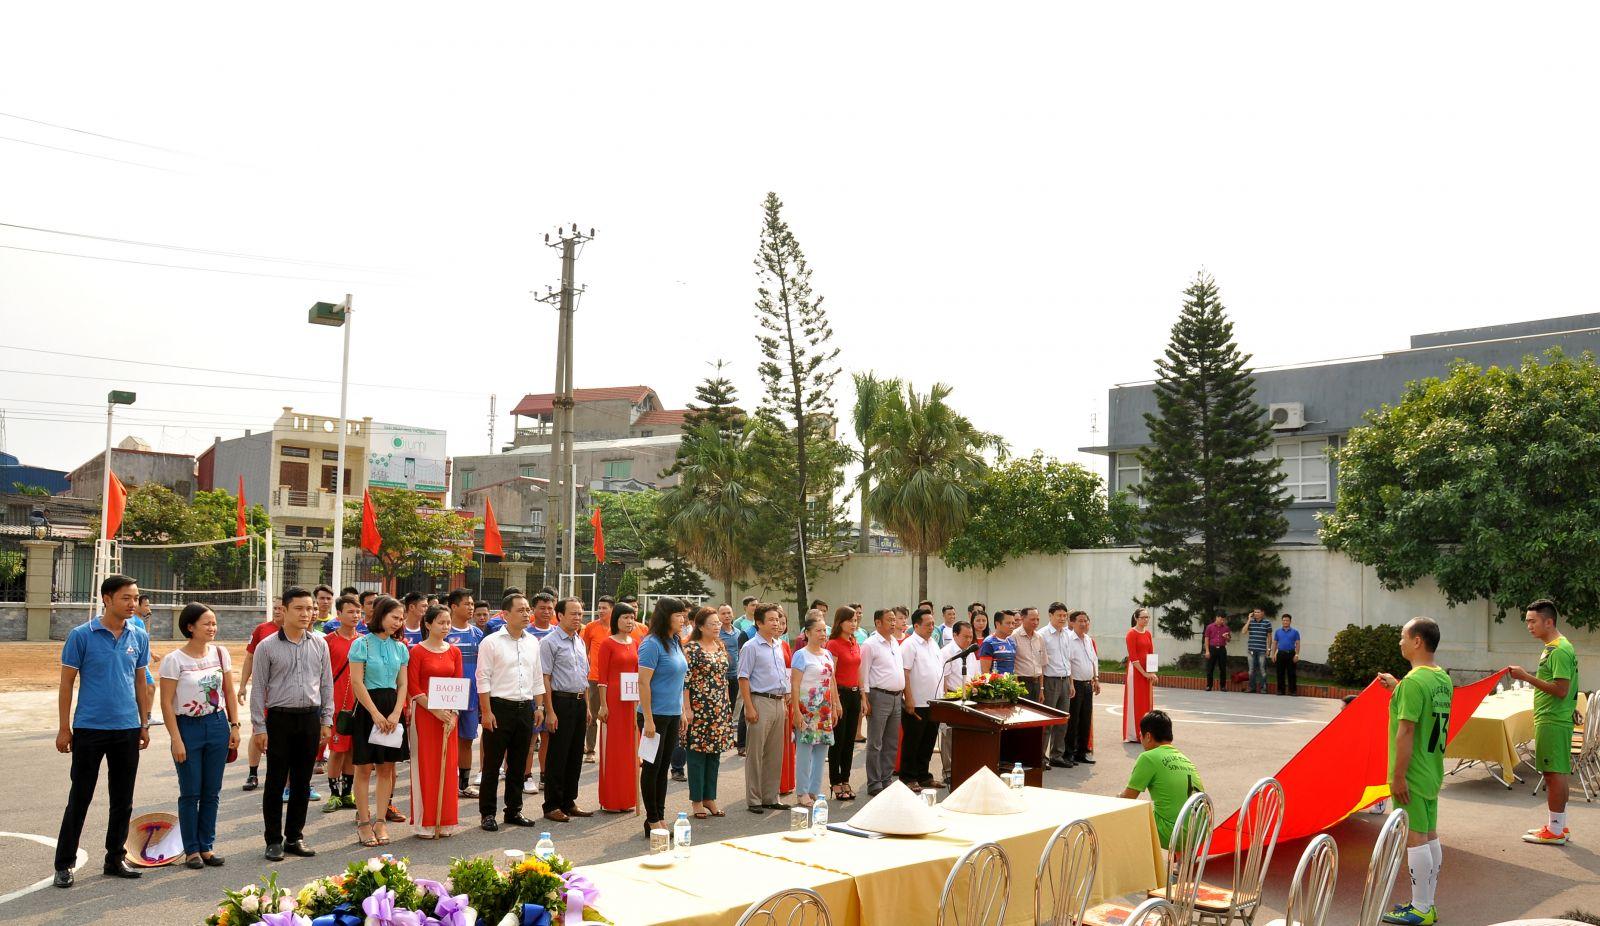 Hoạt động văn hóa thể thao chào mừng kỷ niệm 71 năm Cách mạng tháng 8 & Quốc khánh 2/9